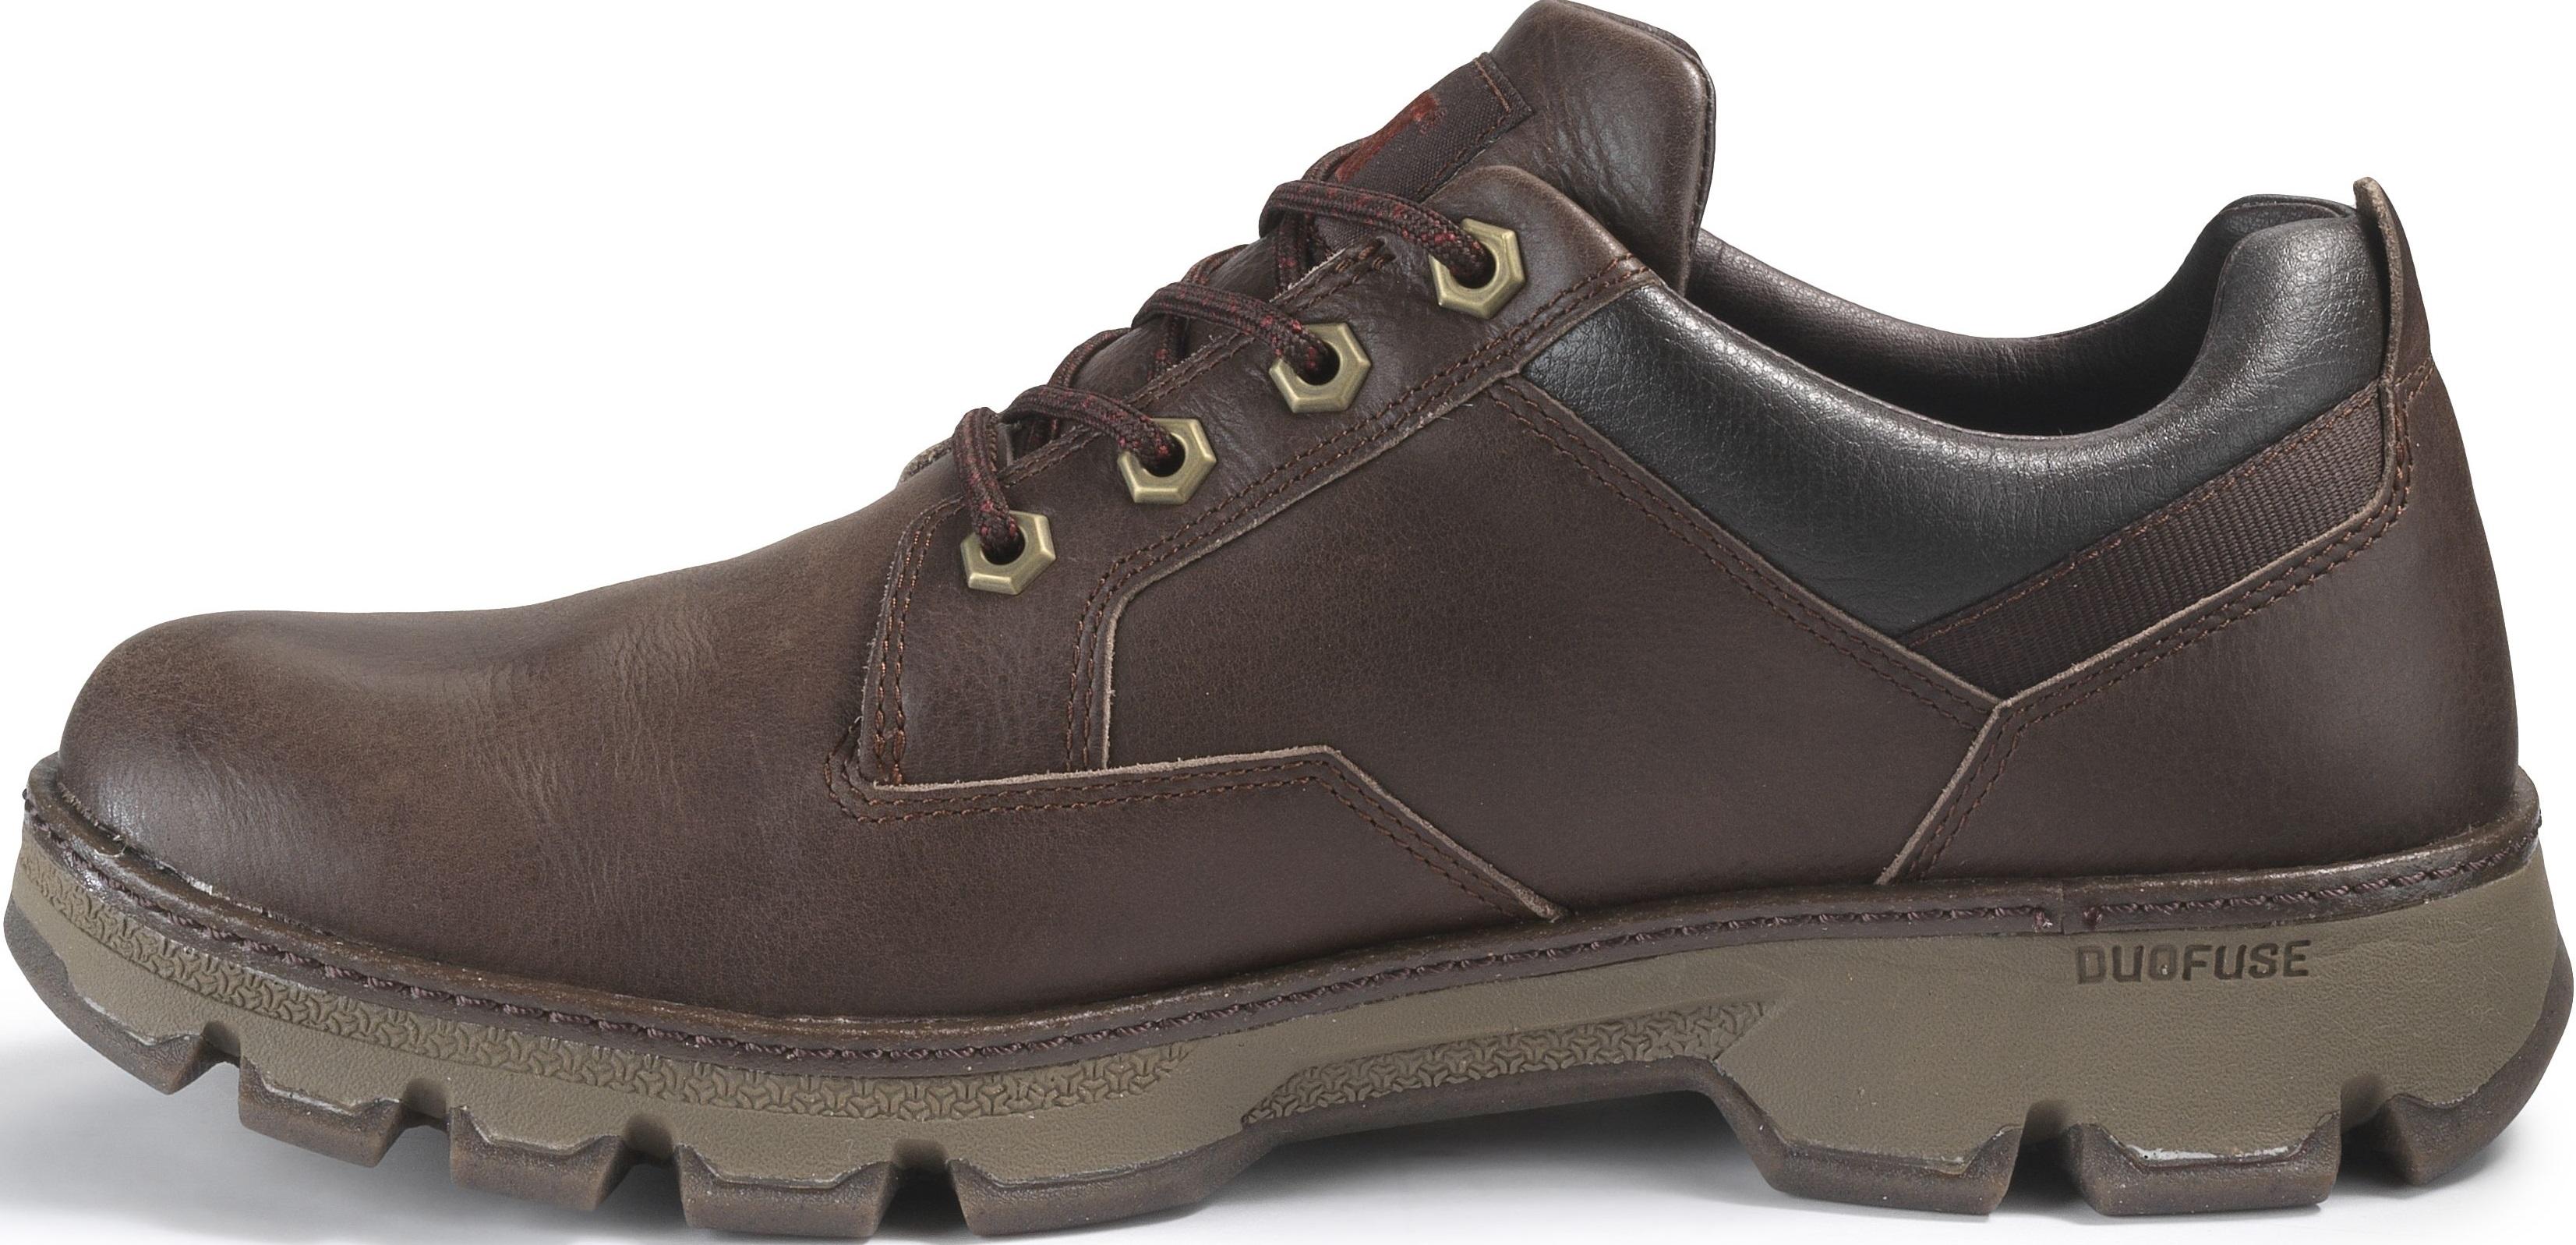 miniature 9 - CAT-CATERPILLAR-Ajax-en-Cuir-Sneakers-Tous-les-Jours-Chaussures-Hommes-Nouveau